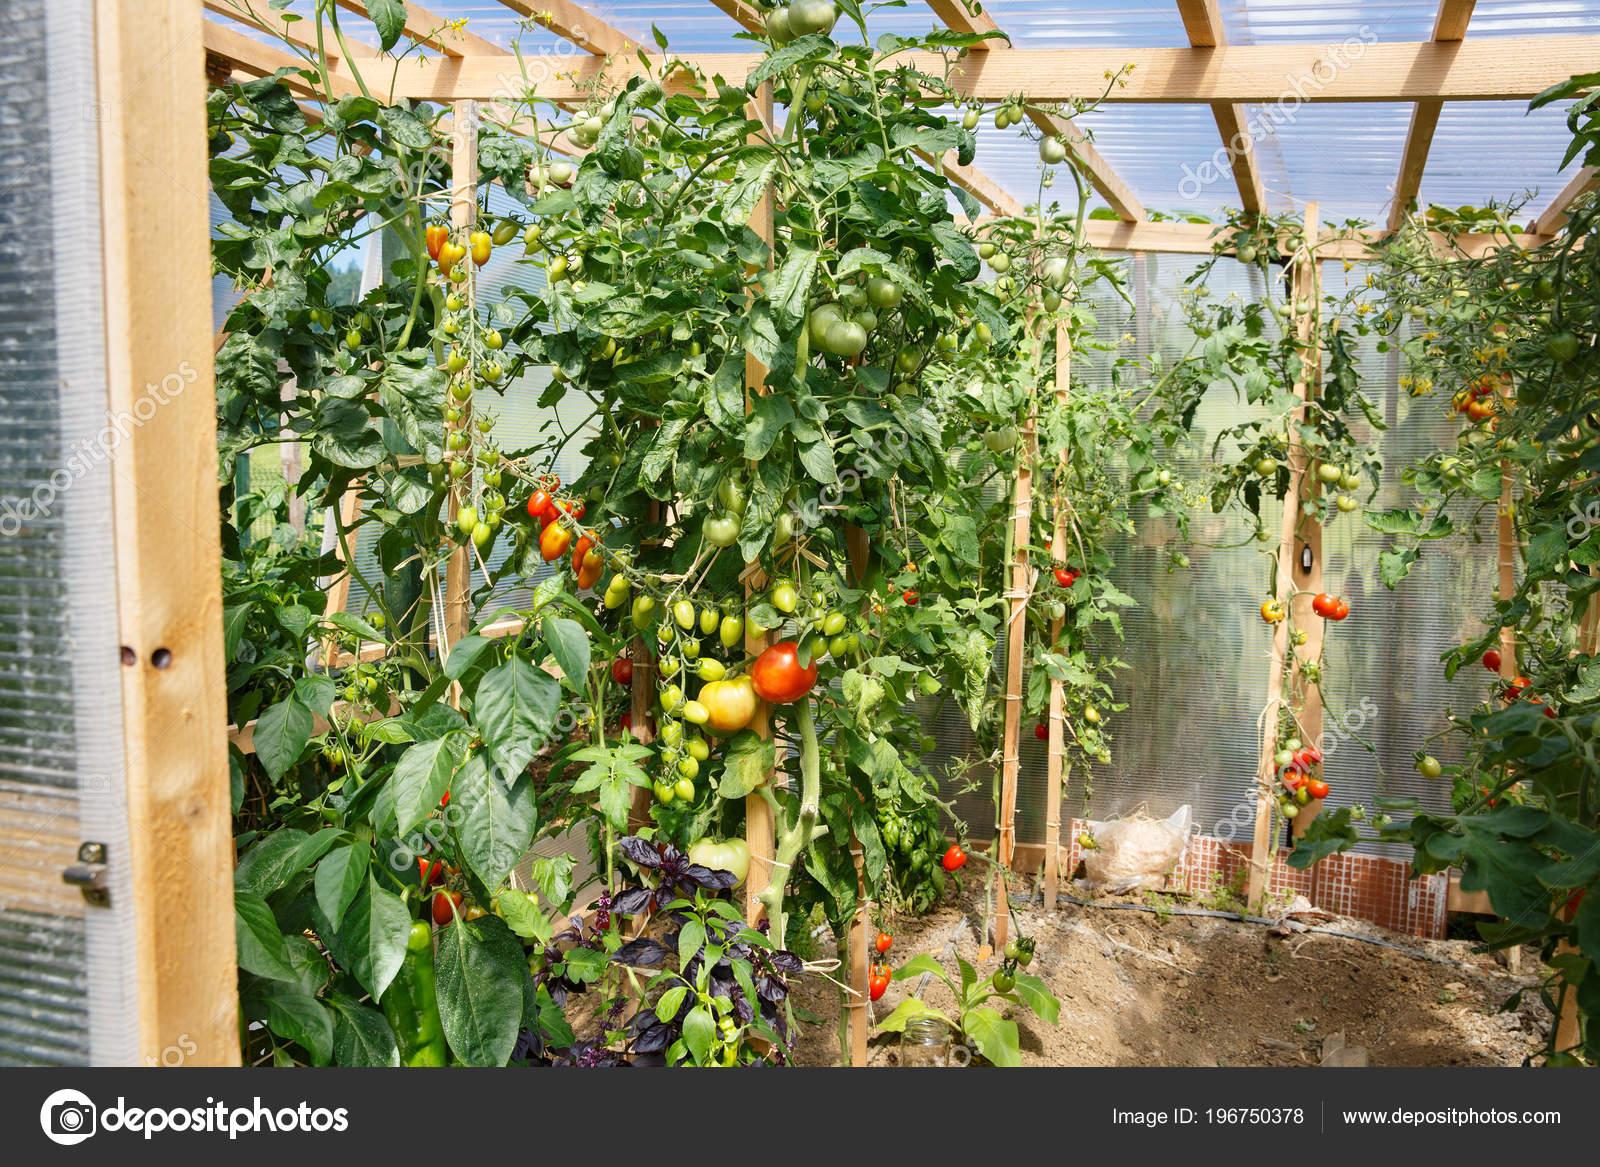 Frische Tomaten Gewachshaus Reifen Landwirtschaft Lebensmittel